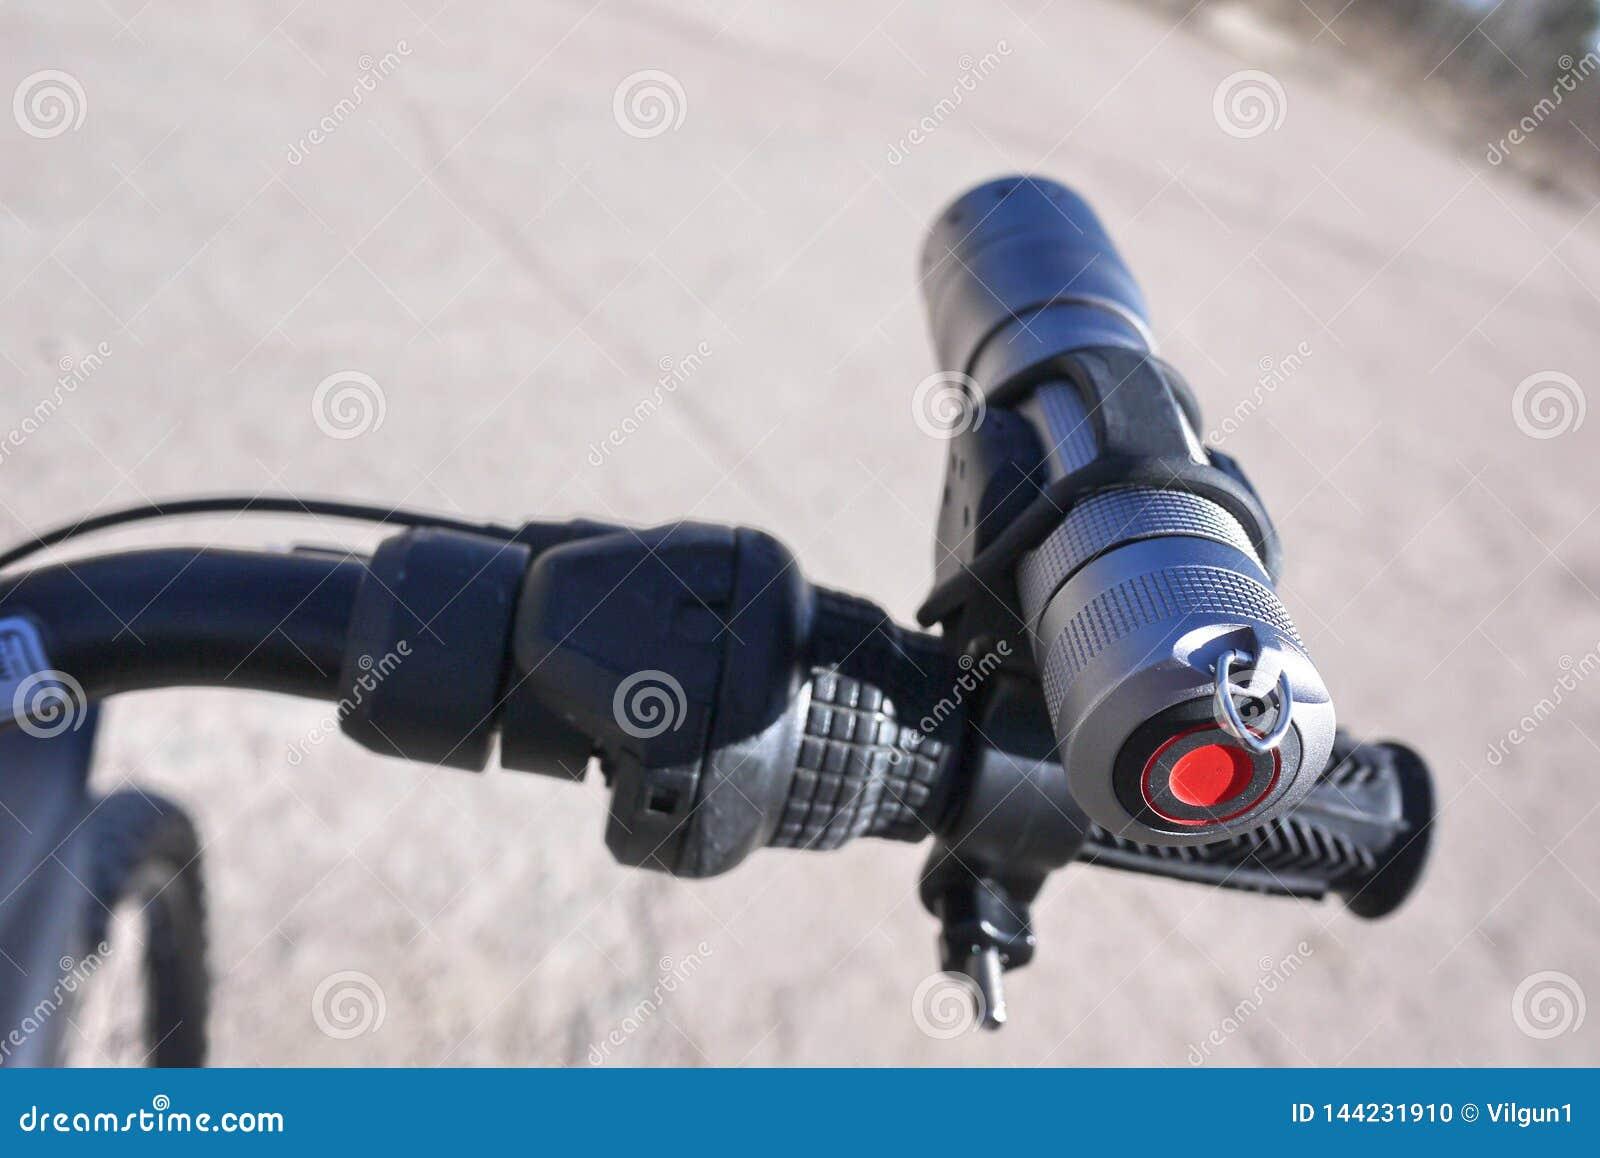 Сильный и яркий электрофонарь бежать на батареях Держатель фонарика особенный, который нужно мочь исправить он на handlebar